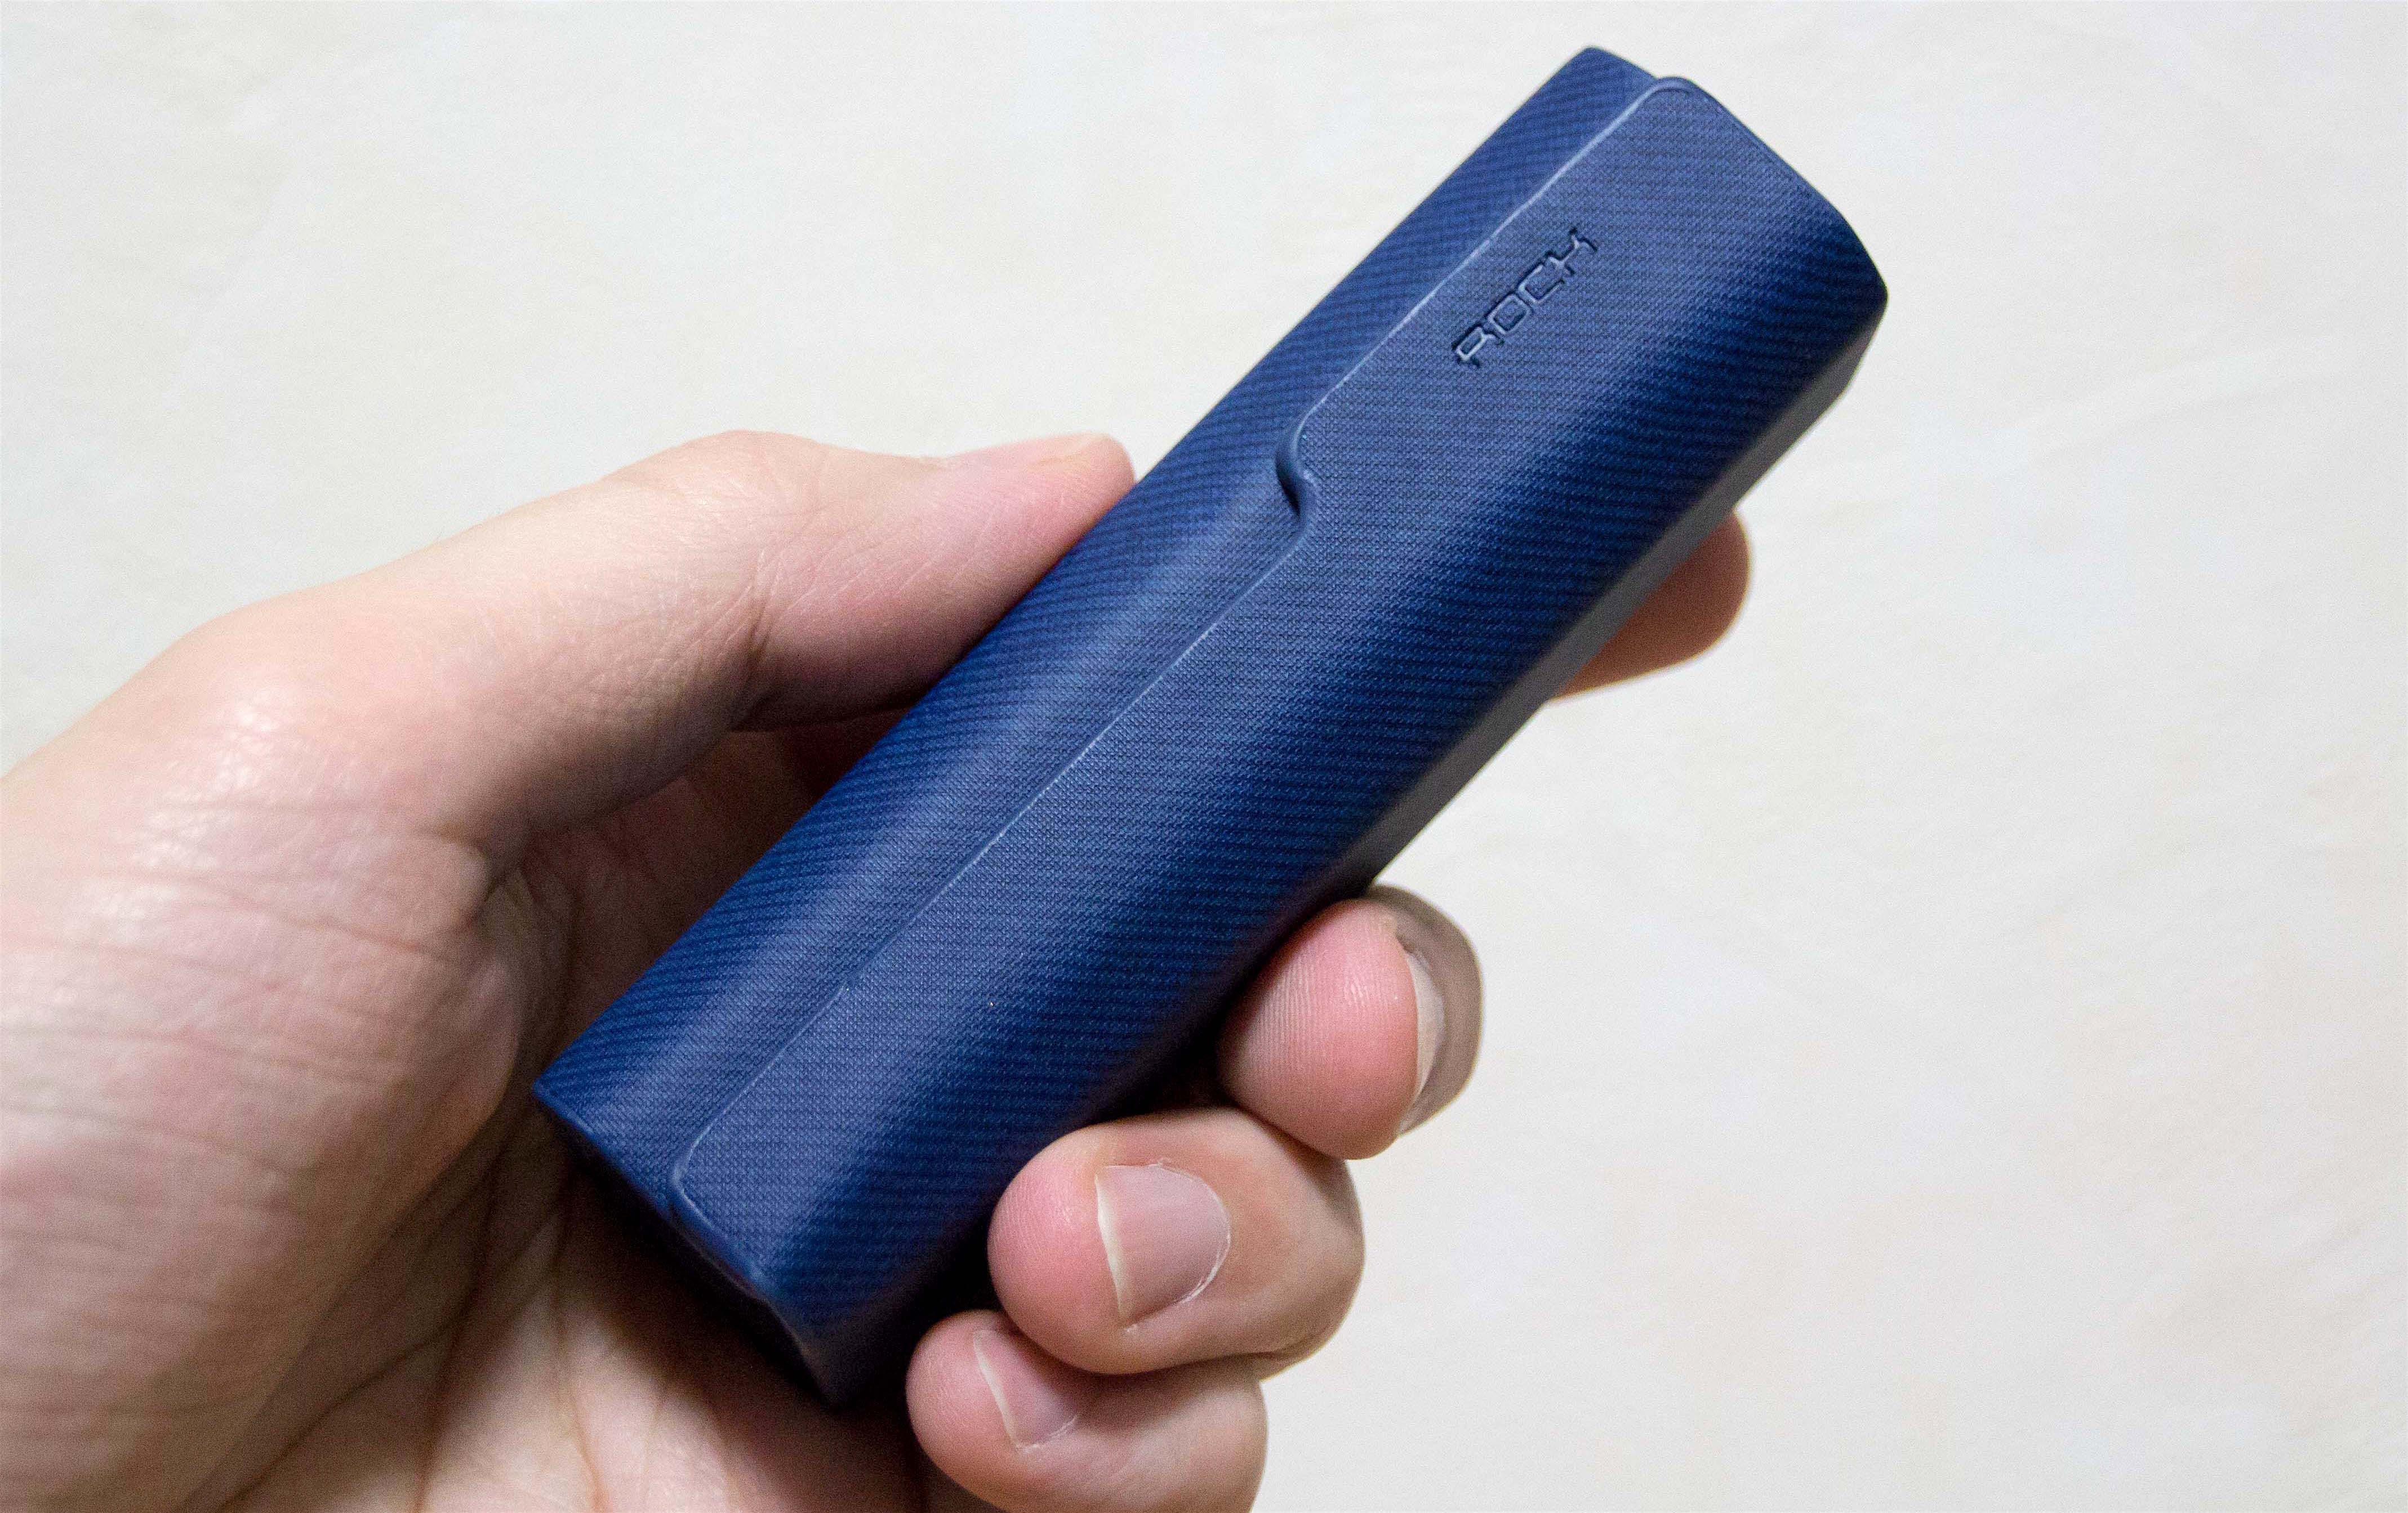 Lightning、Micro USB、USB Type-Cがこれ一本で。キーチェーン型 3 in 1 USBショートケーブルがマジ便利